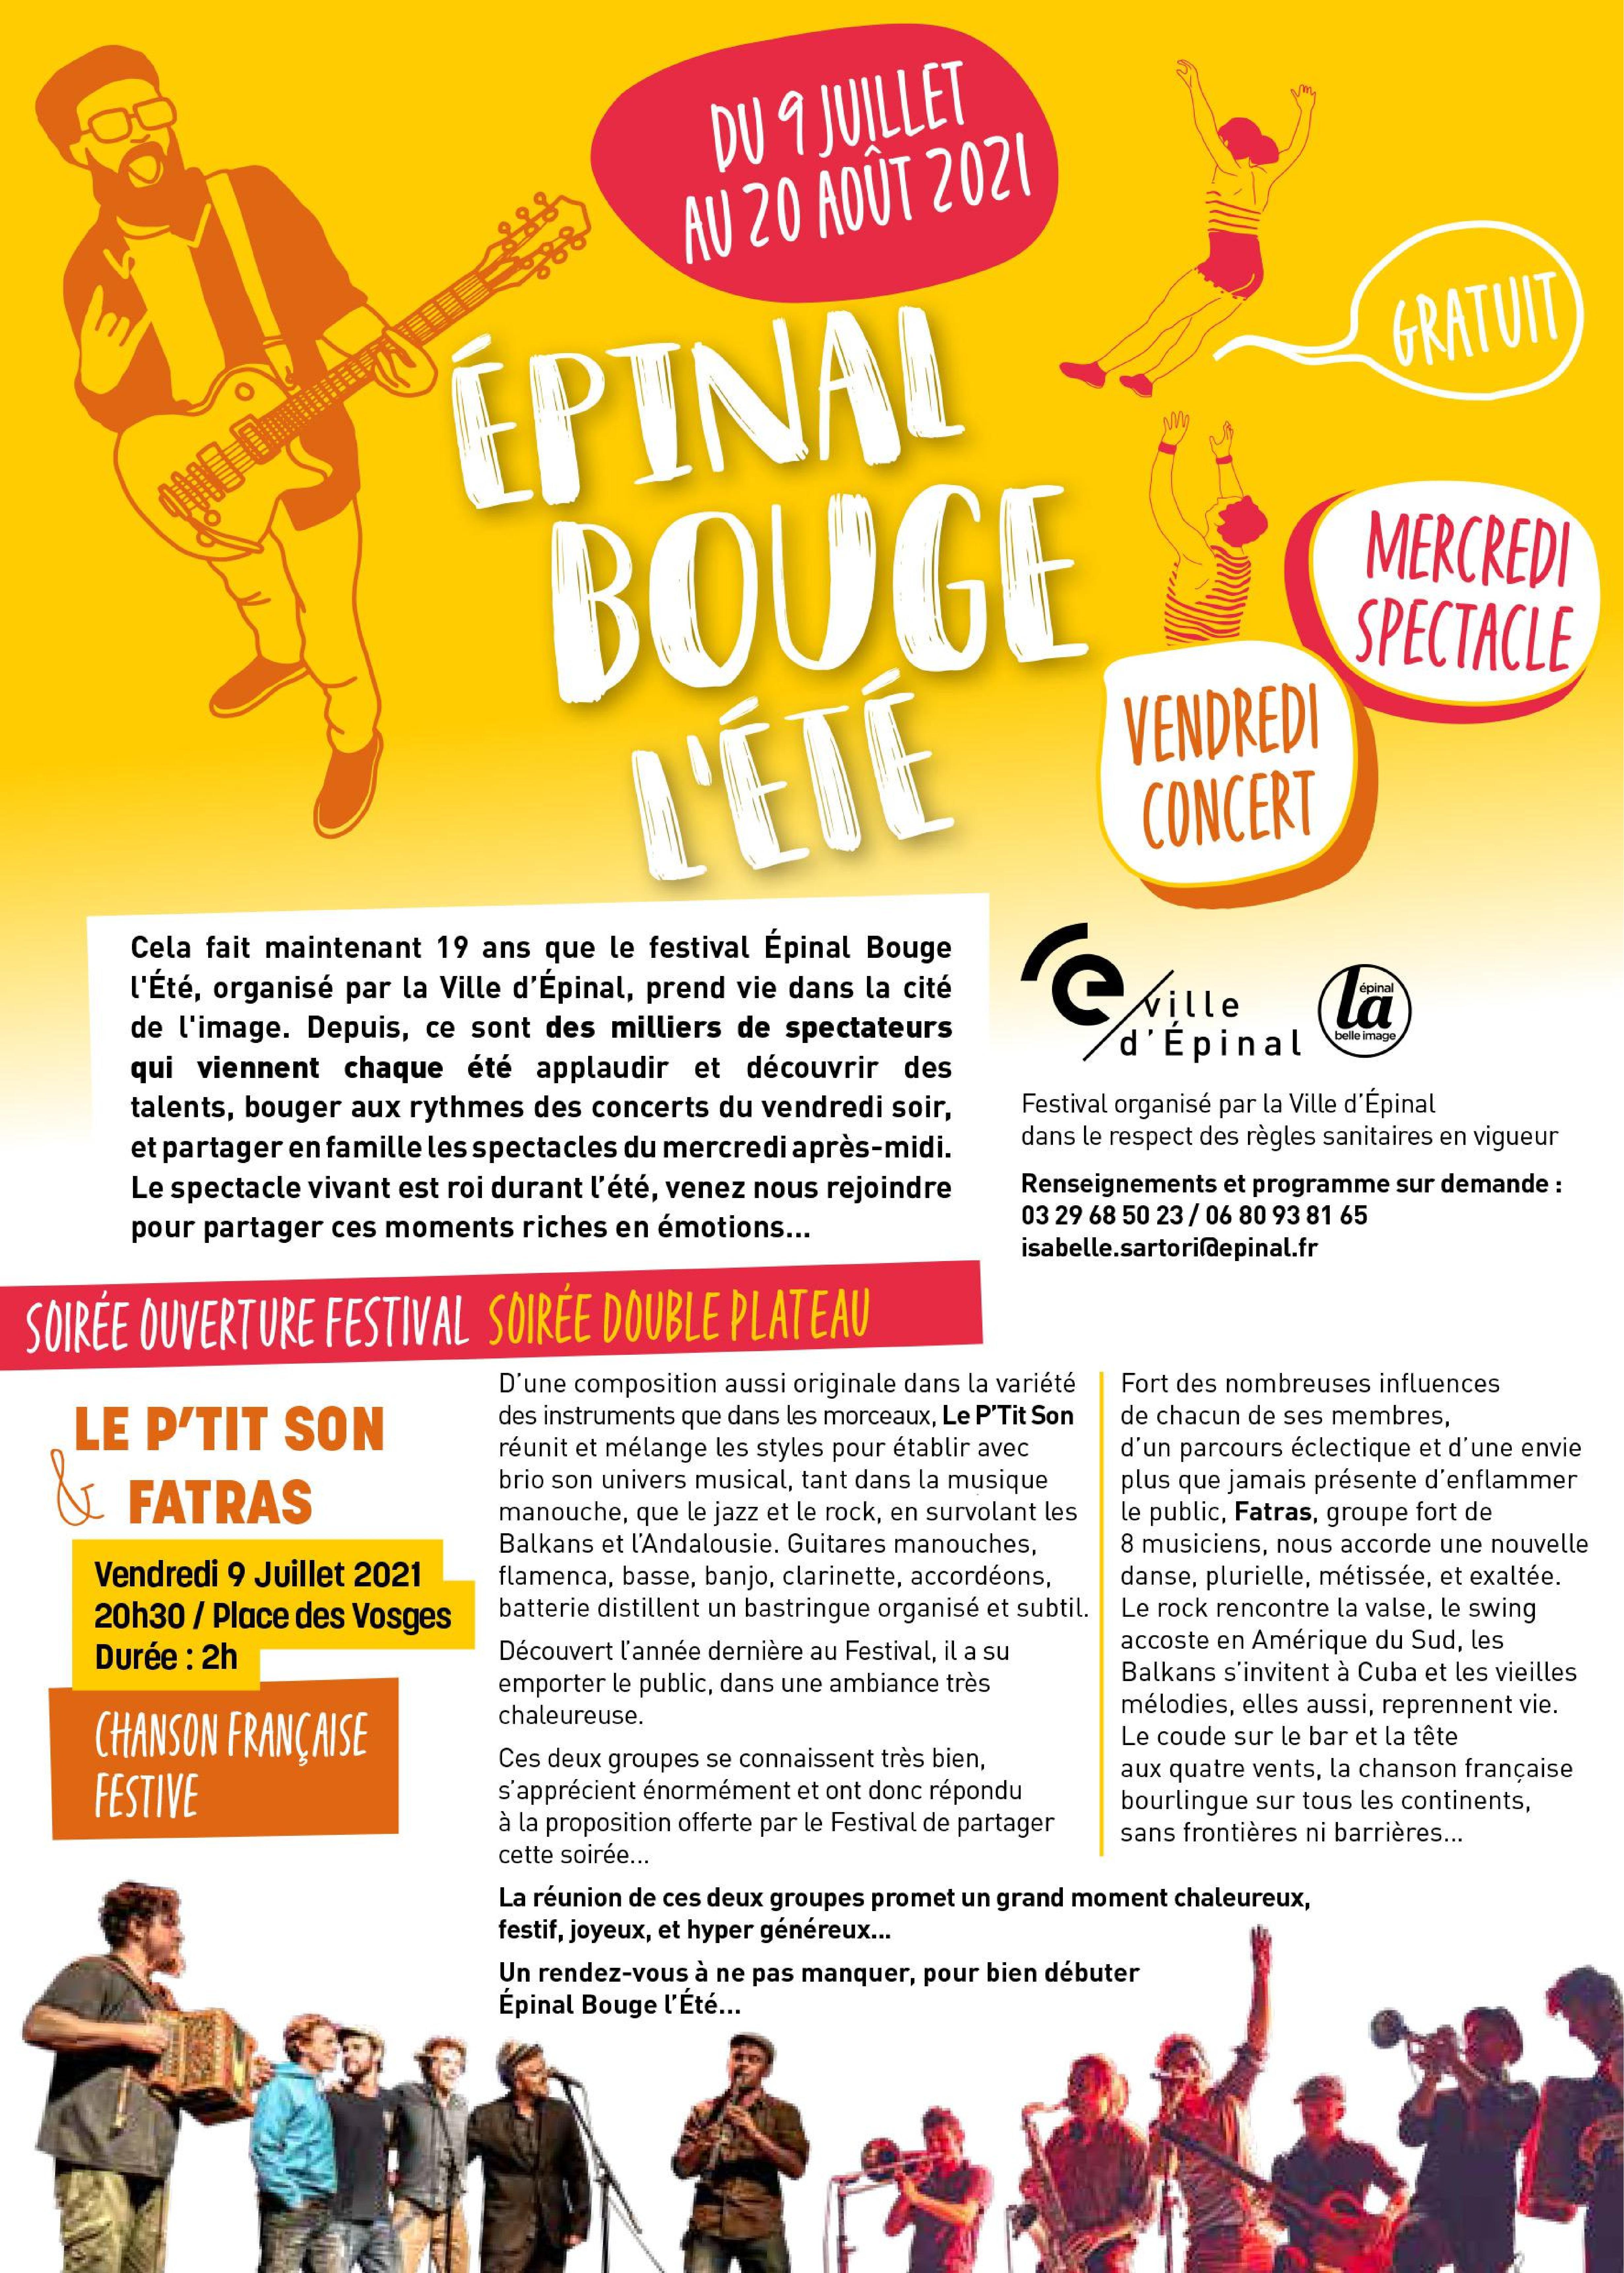 Épinal Bouge l'Été Saison Estivale Tous les mercredis des spectacles, et les vendredis soirs des concerts variés !